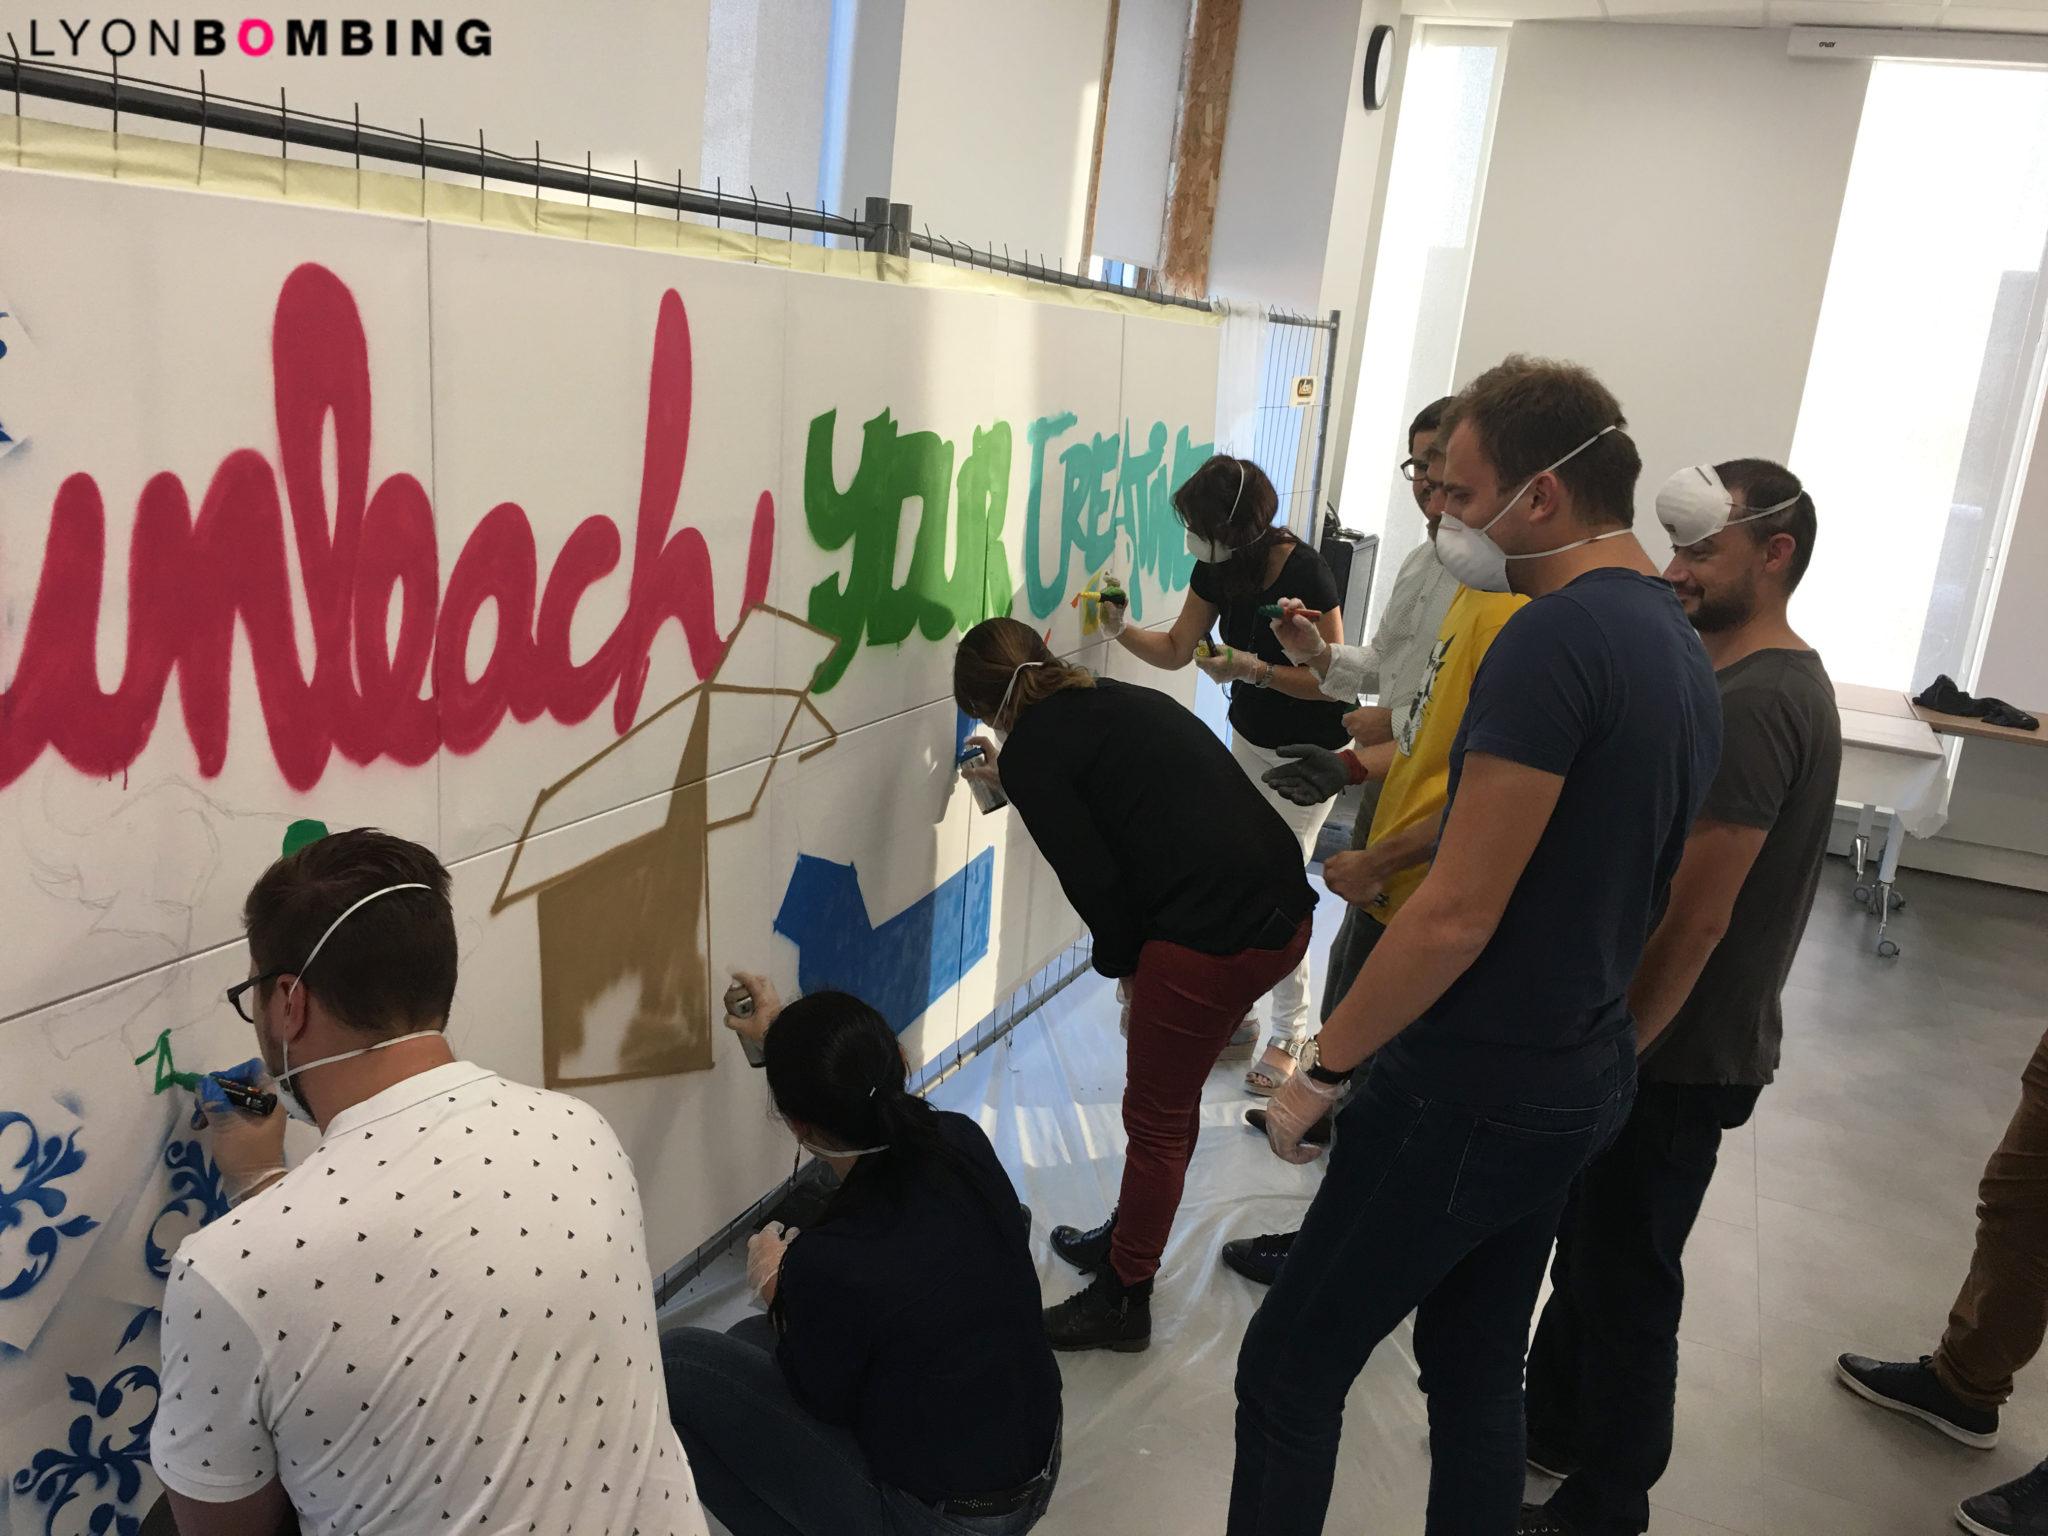 teambuilding-graffiti-tag-streetart-dropbox